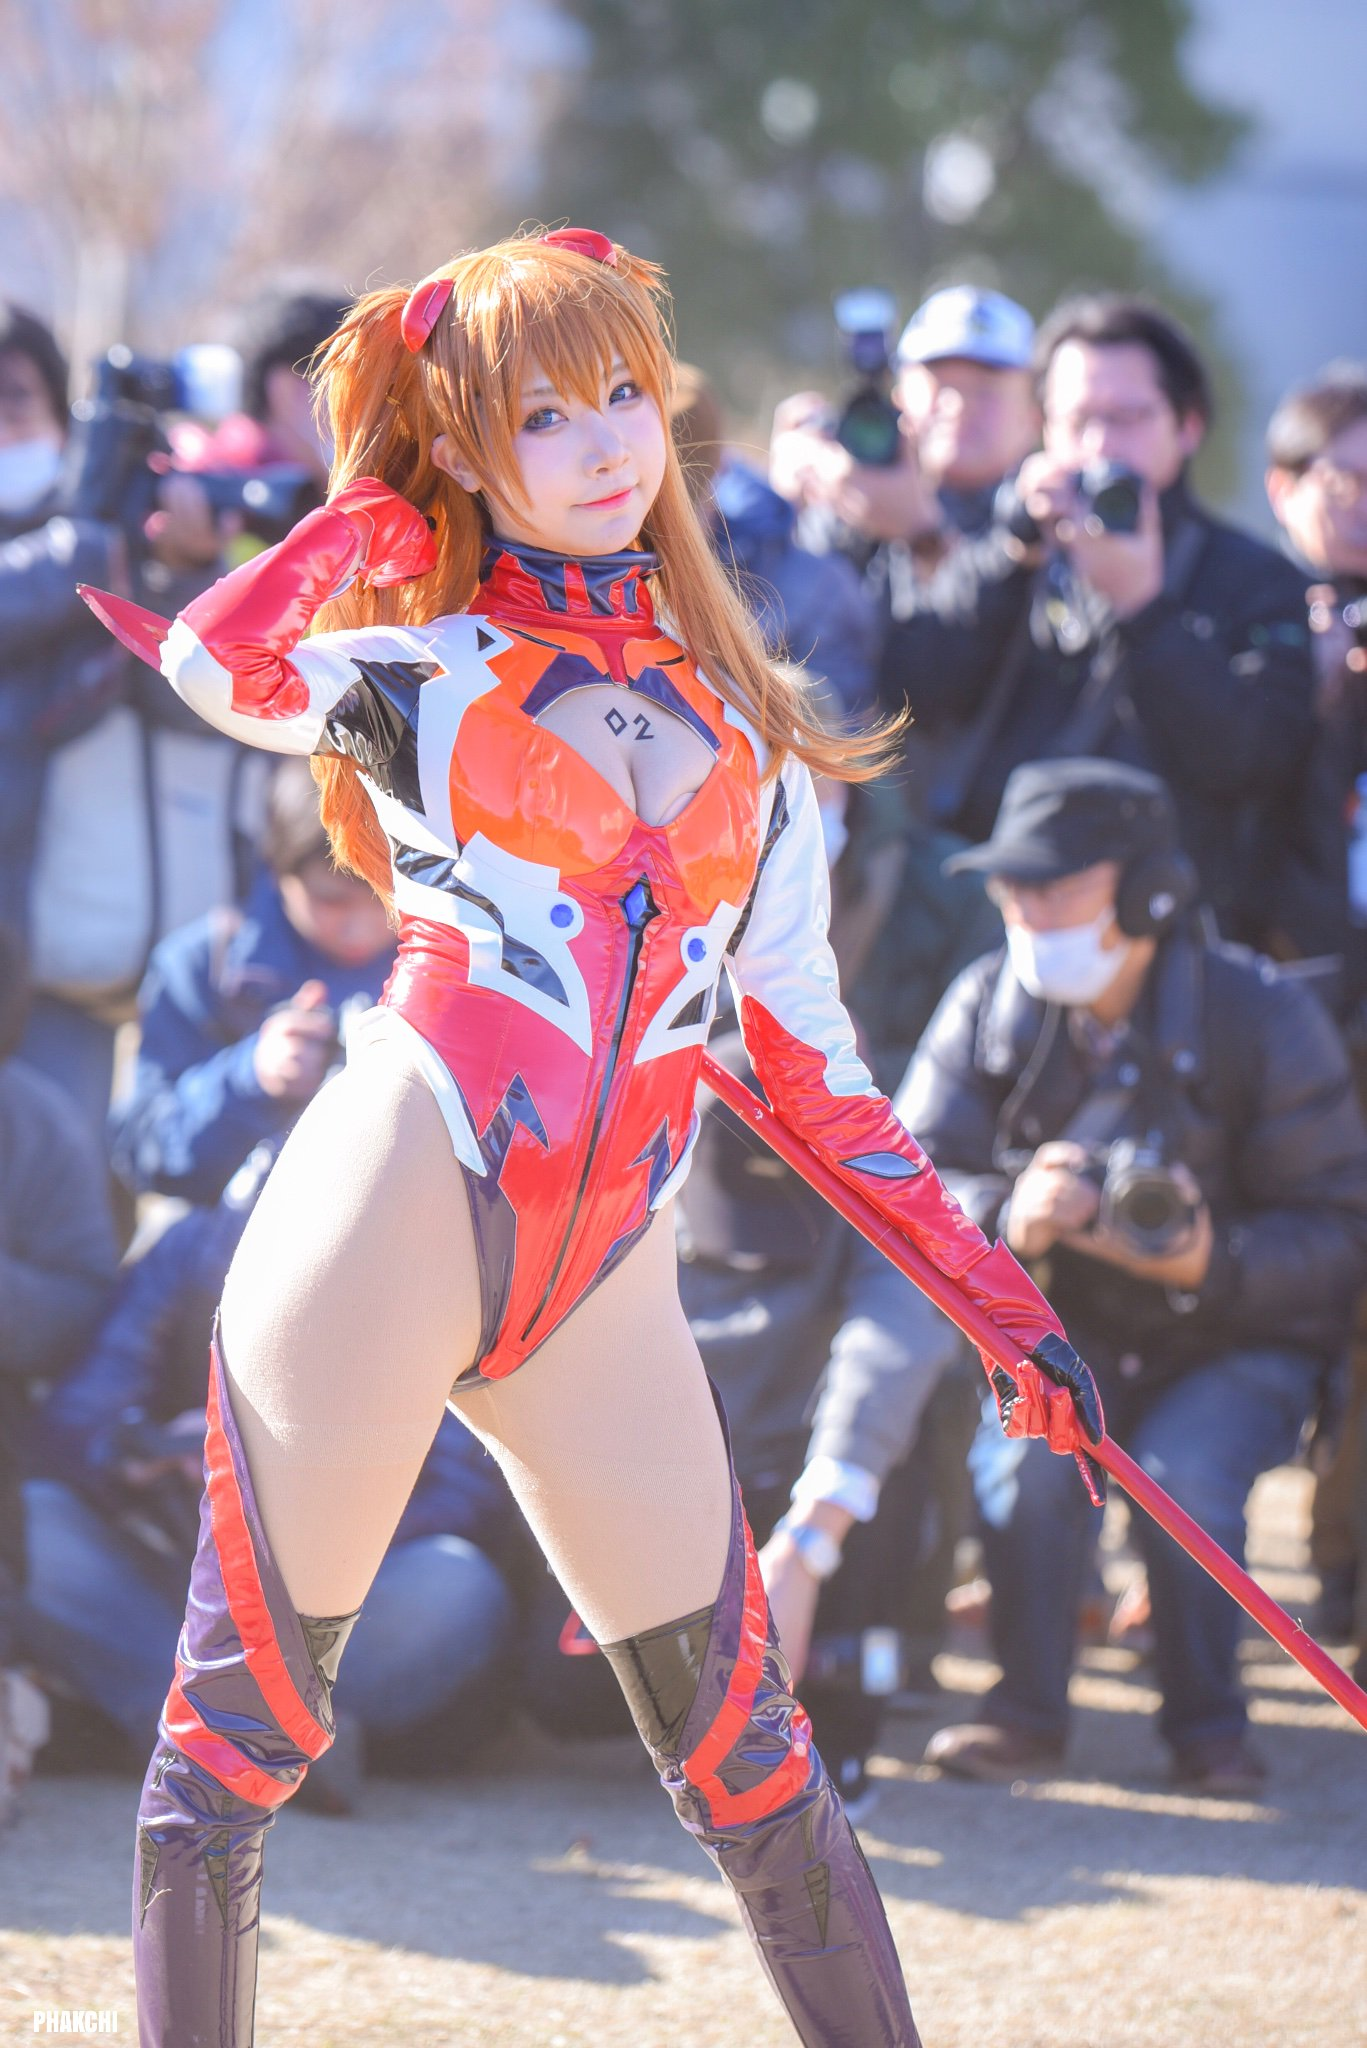 画像,20181230 コミックマーケットC95 小柔seeu さん(@seeu_cosplay )#小柔SeeU #コスプレ #cosplay #cosplayer…